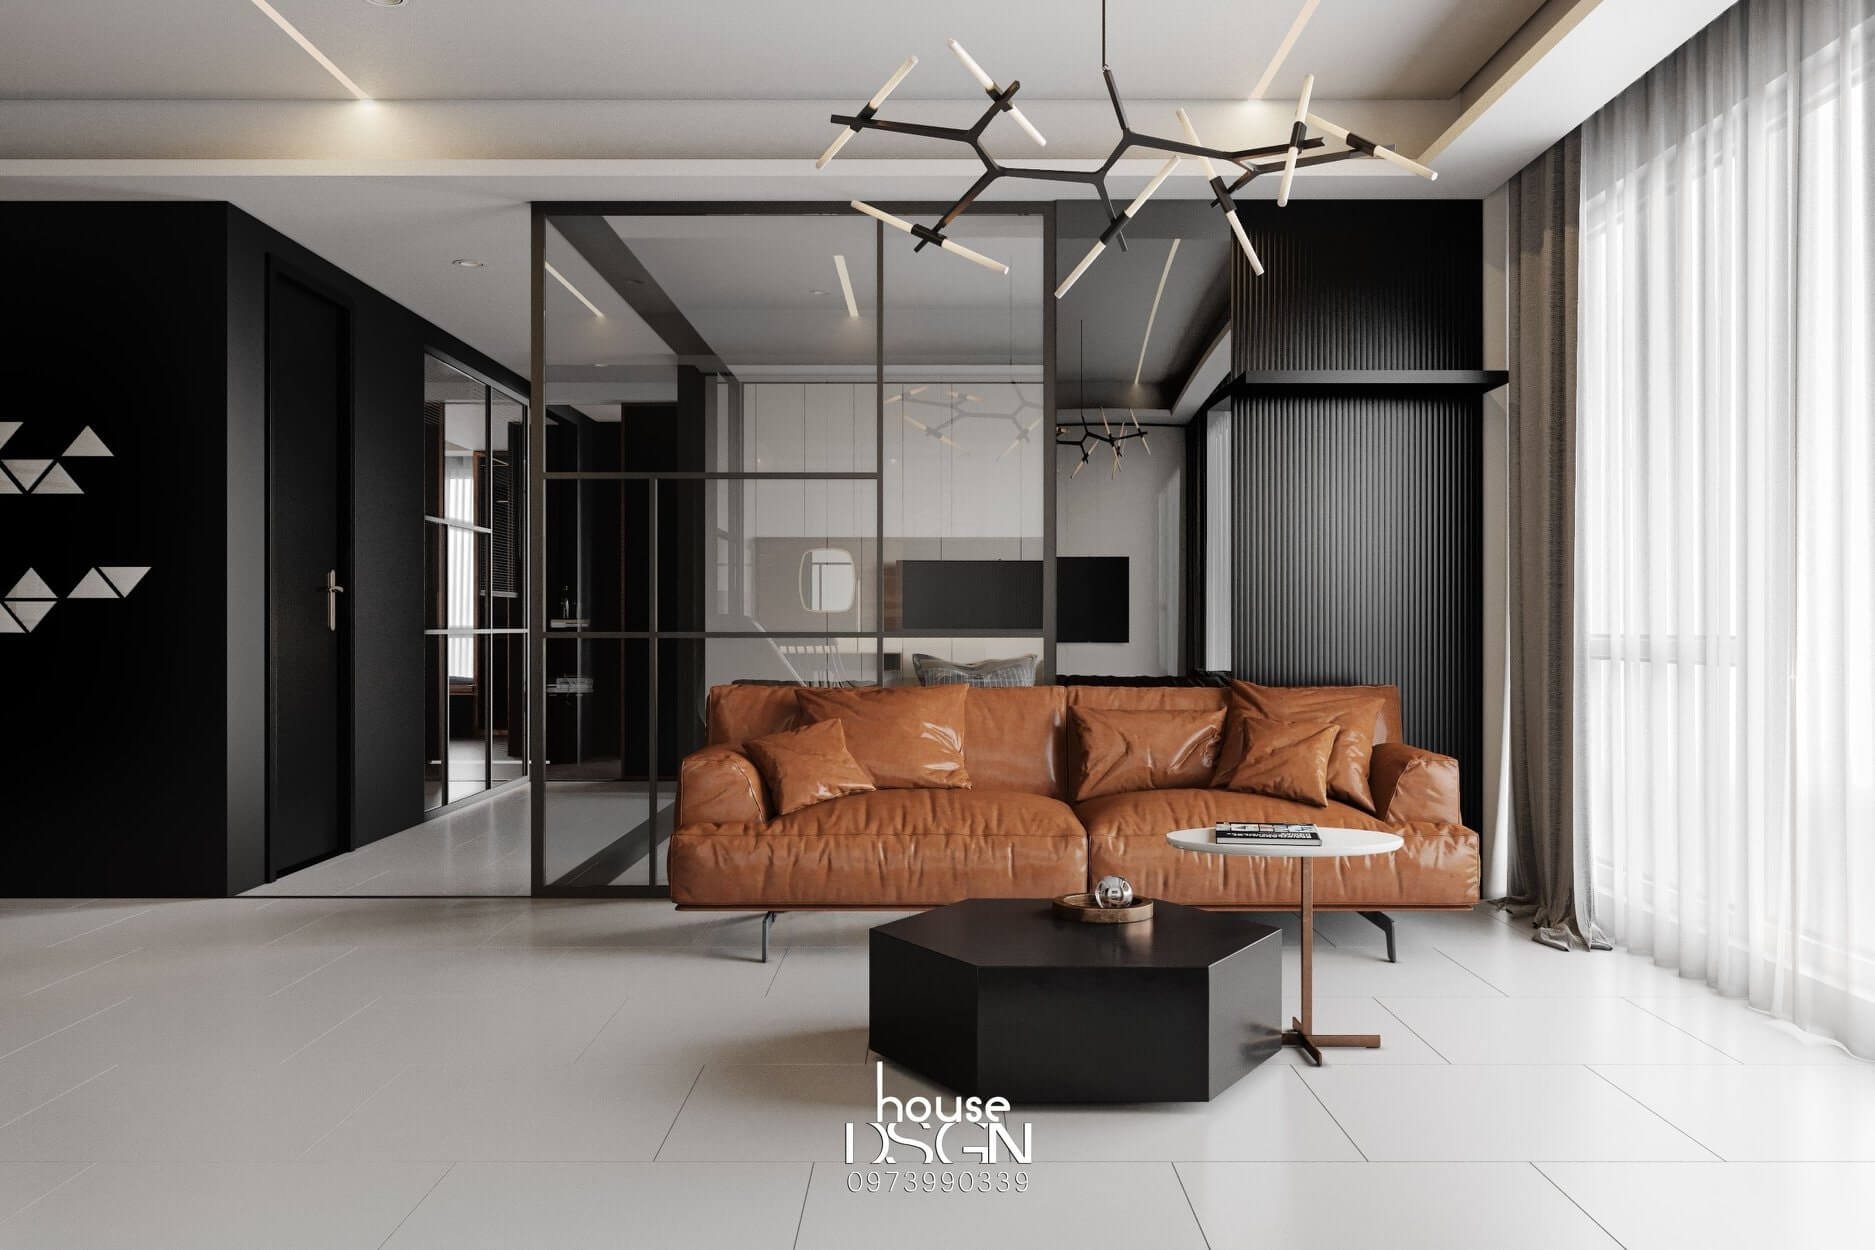 thiết kế nội thất căn hộ 90m2 3 phòng ngủ